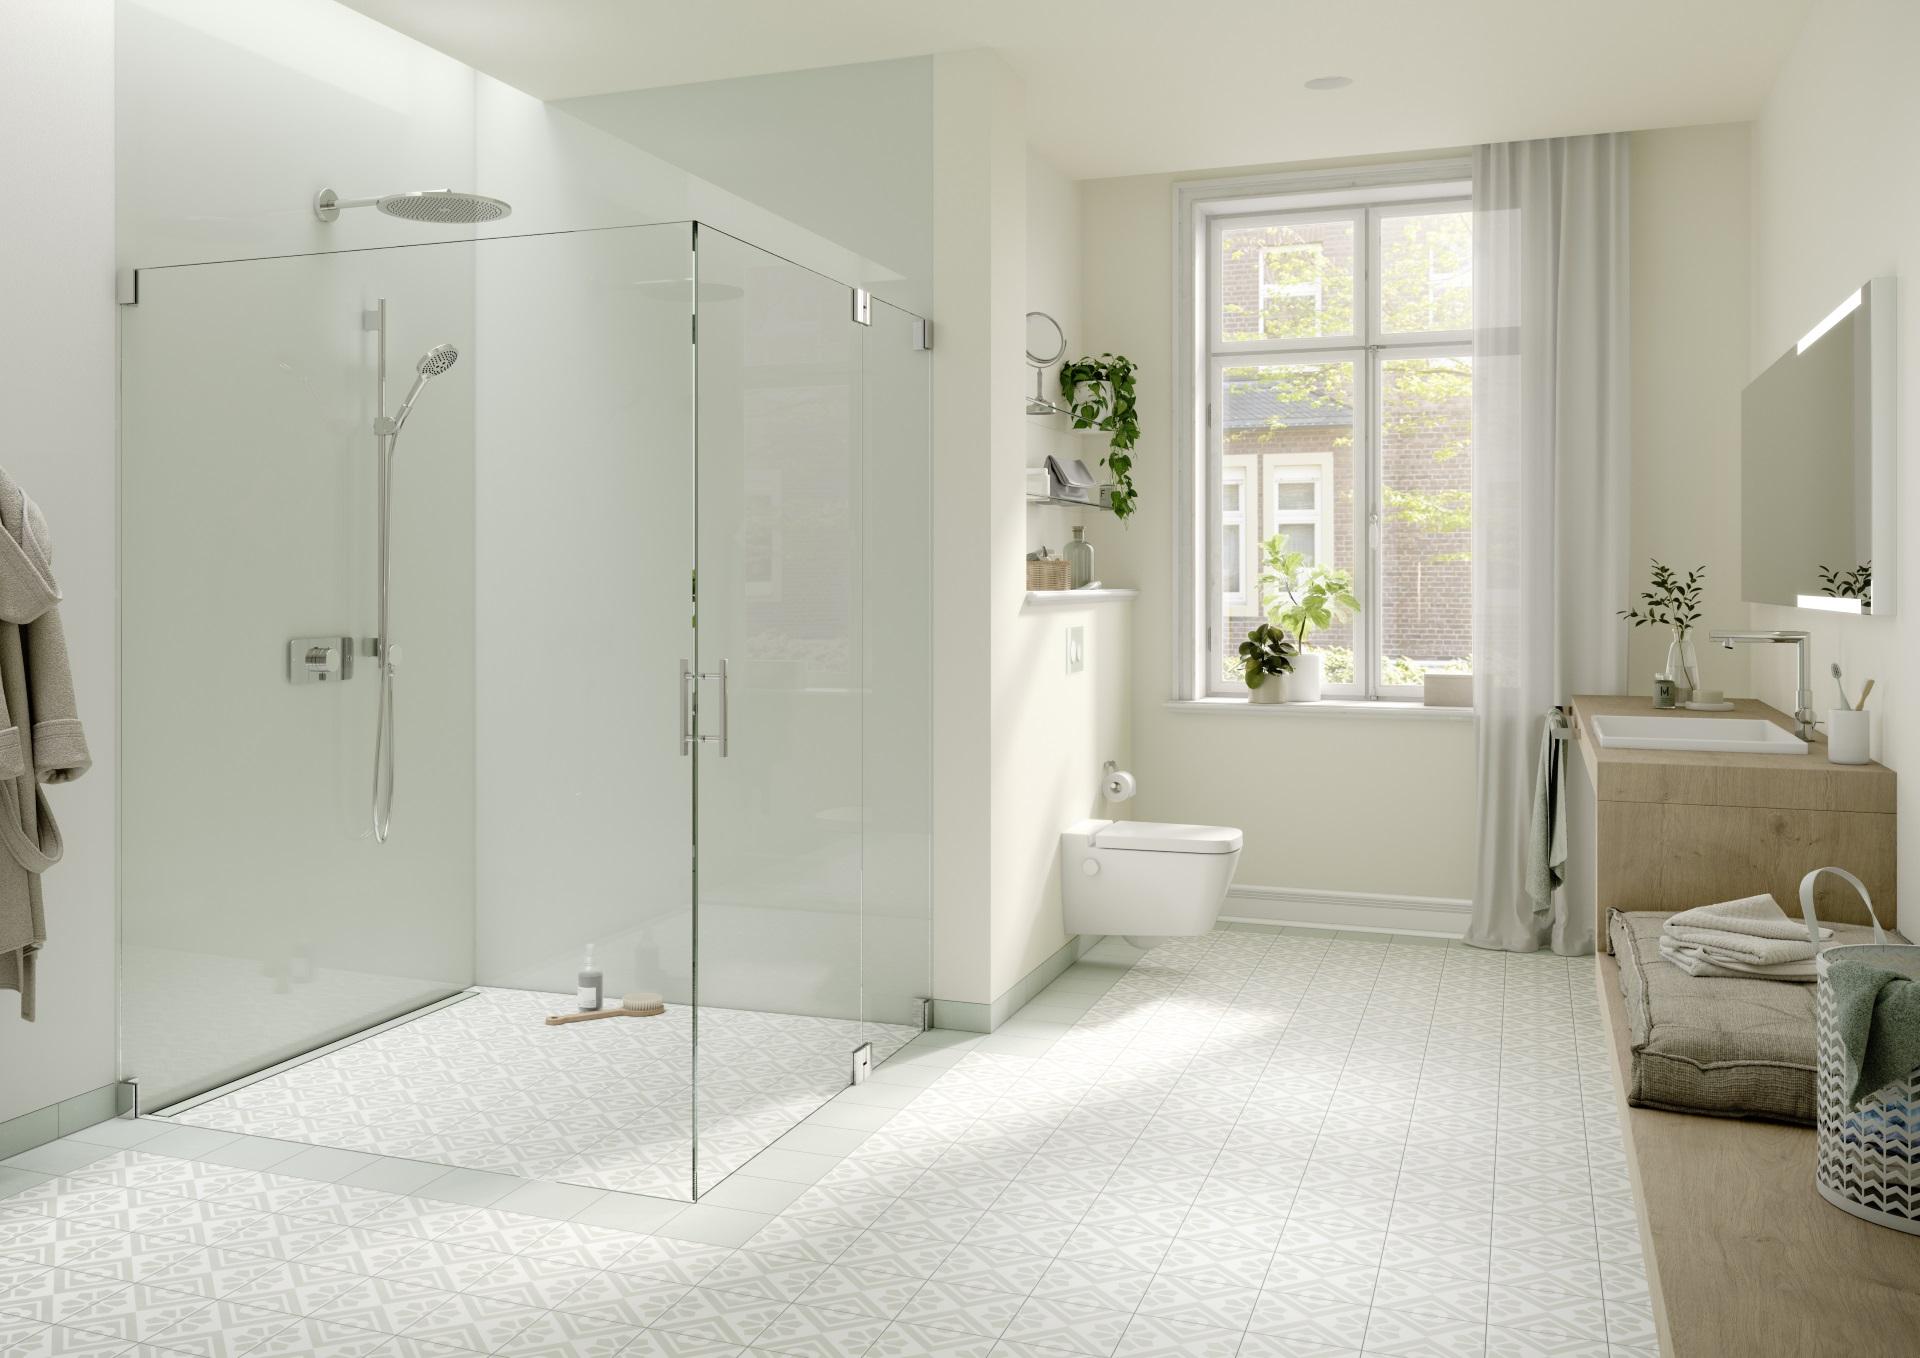 Abbildung klassisches Badezimmer von TECE mit WC und bodengleicher Dusche